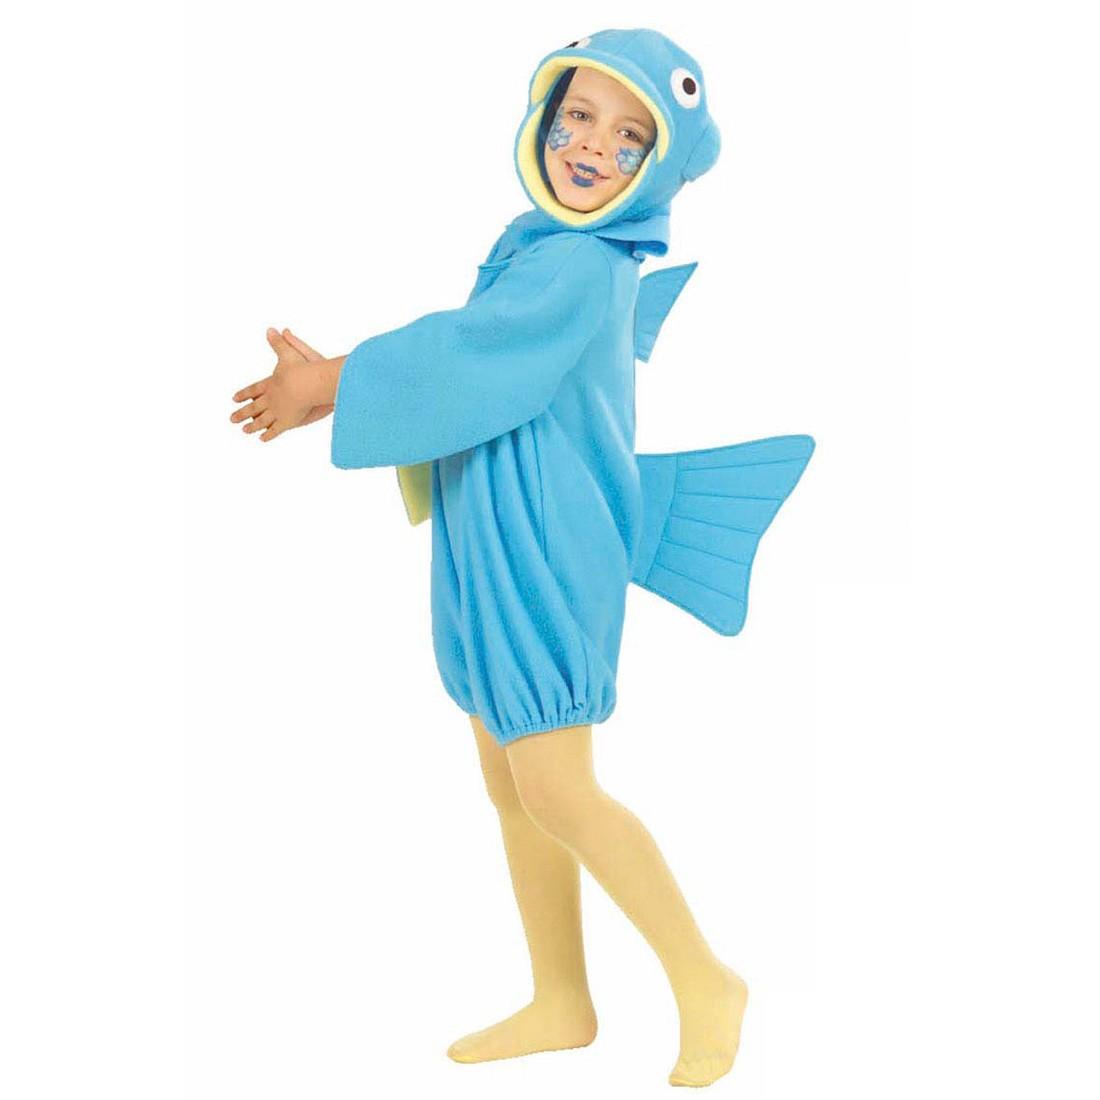 Fischkostum Kinderkostum Xs 116 Fisch Kostum Fur Kinder Karneval 21